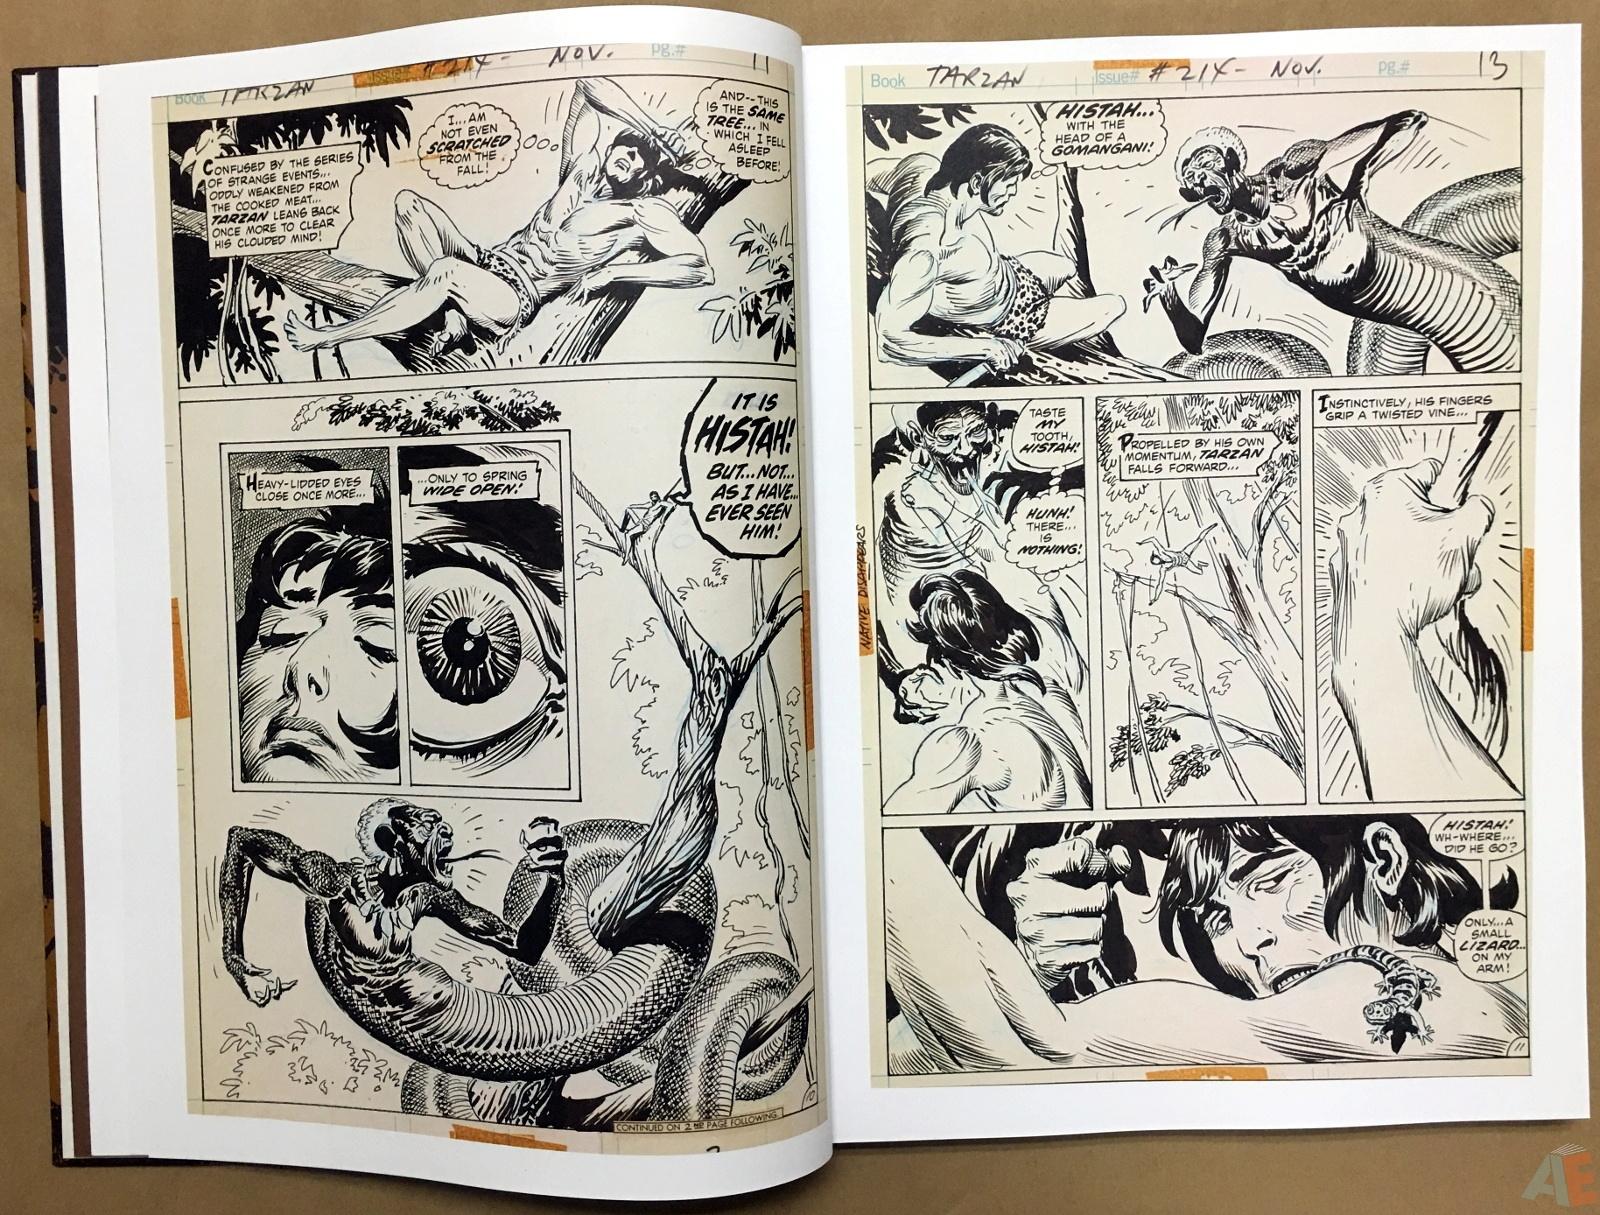 Joe Kubert's The Return Of Tarzan Artist's Edition 10